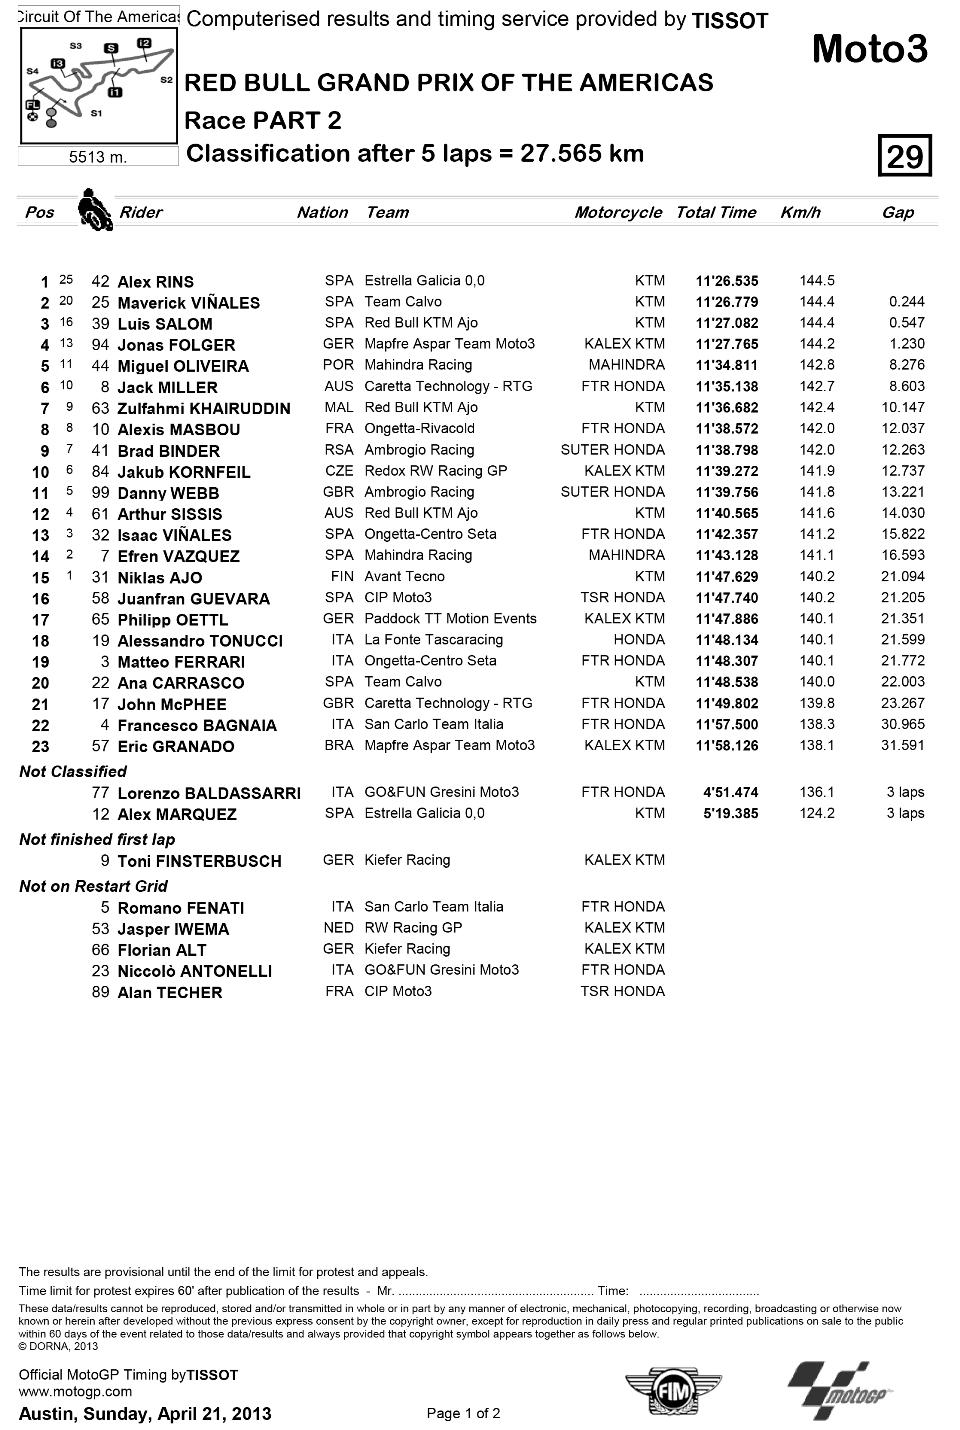 Представляем результаты гонки Moto3 Гран-При Америк 2013: